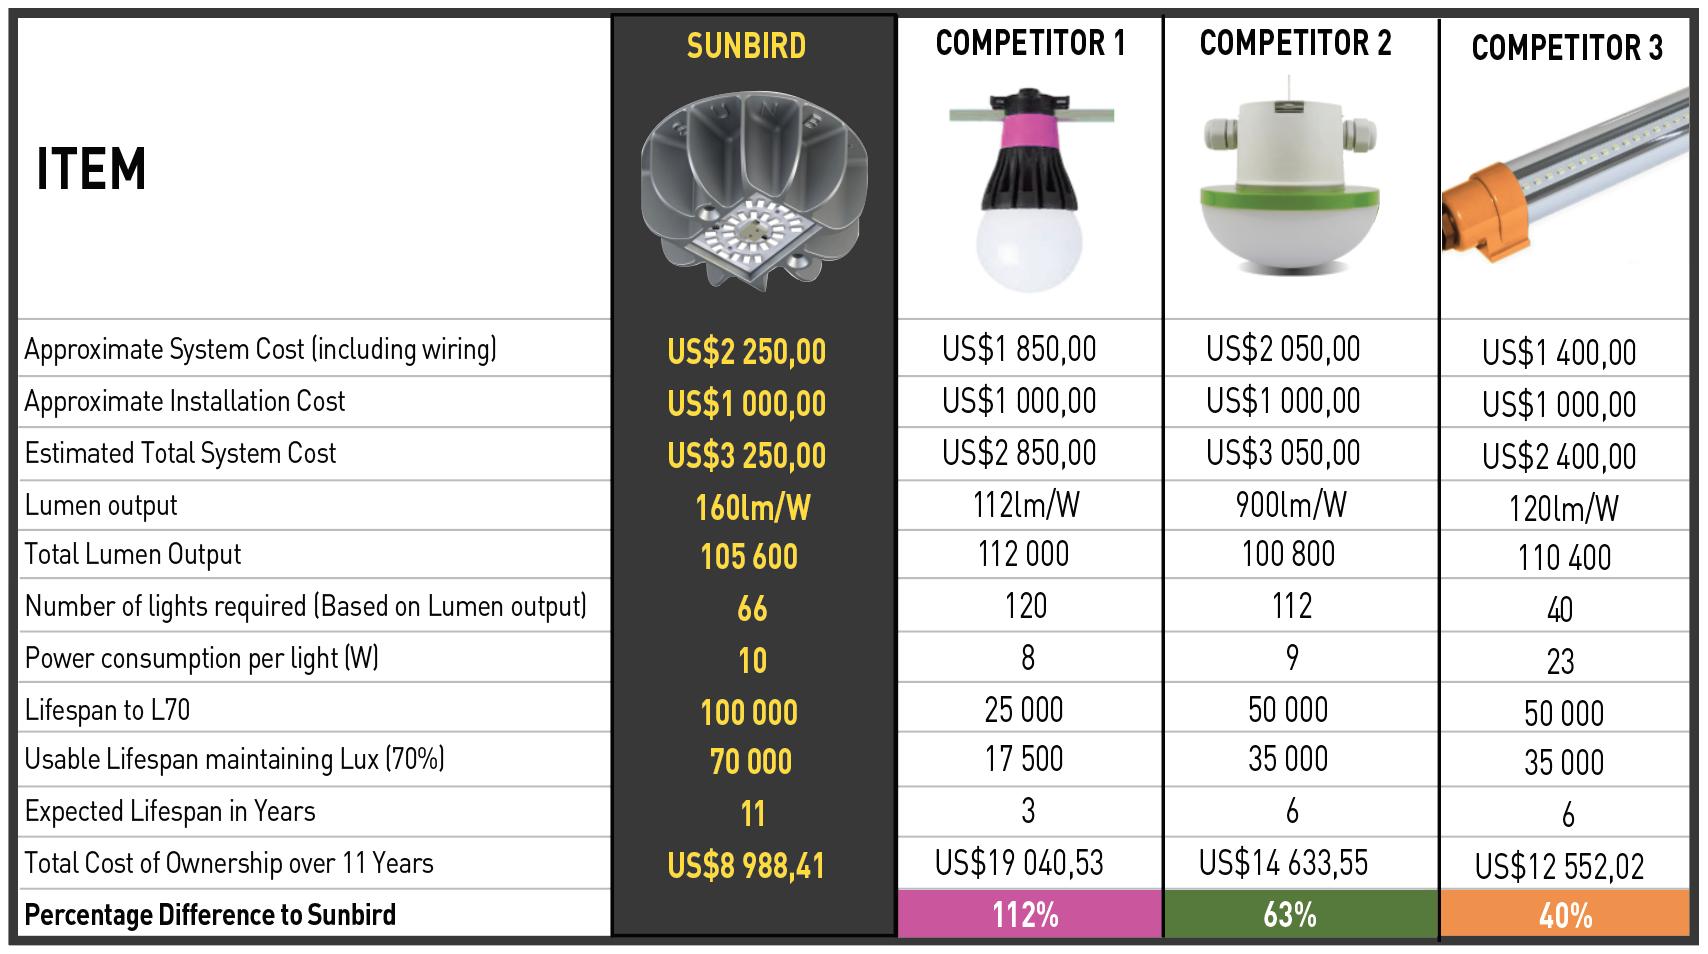 Sunbird Competitor Comparison Table